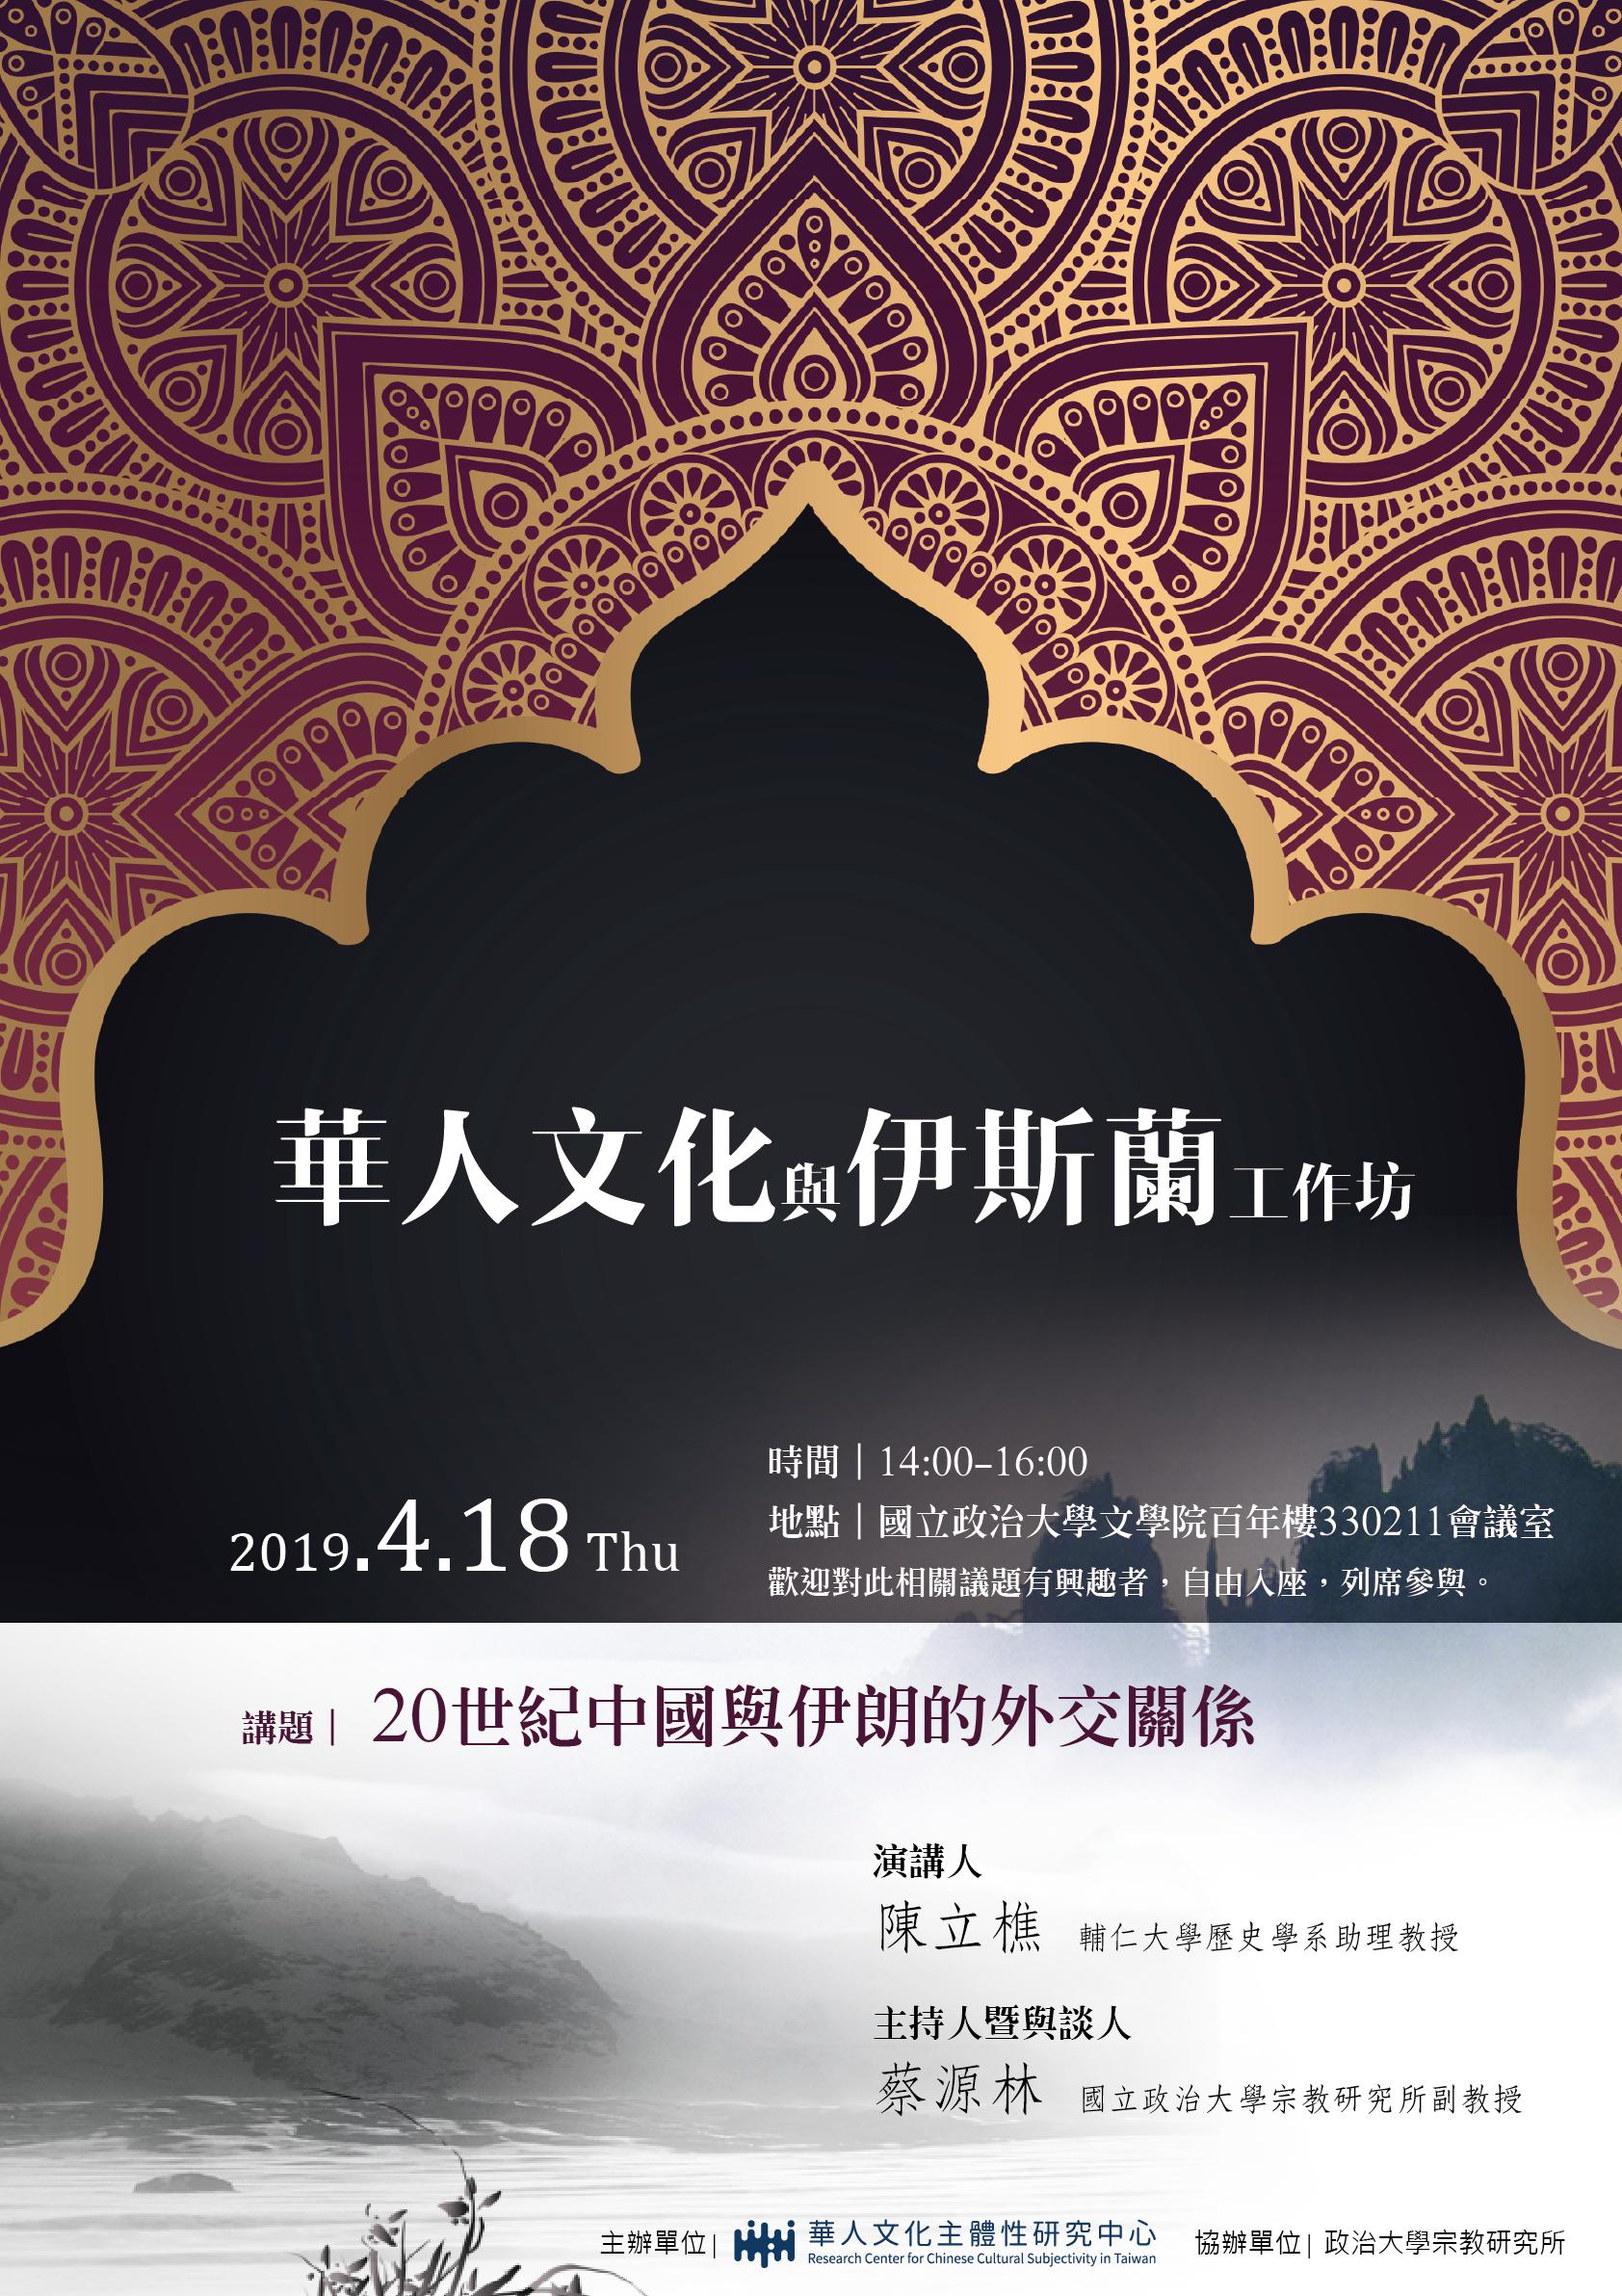 【工作坊資訊】華人文化與伊斯蘭工作坊: 20世紀中國與伊朗的外交關係